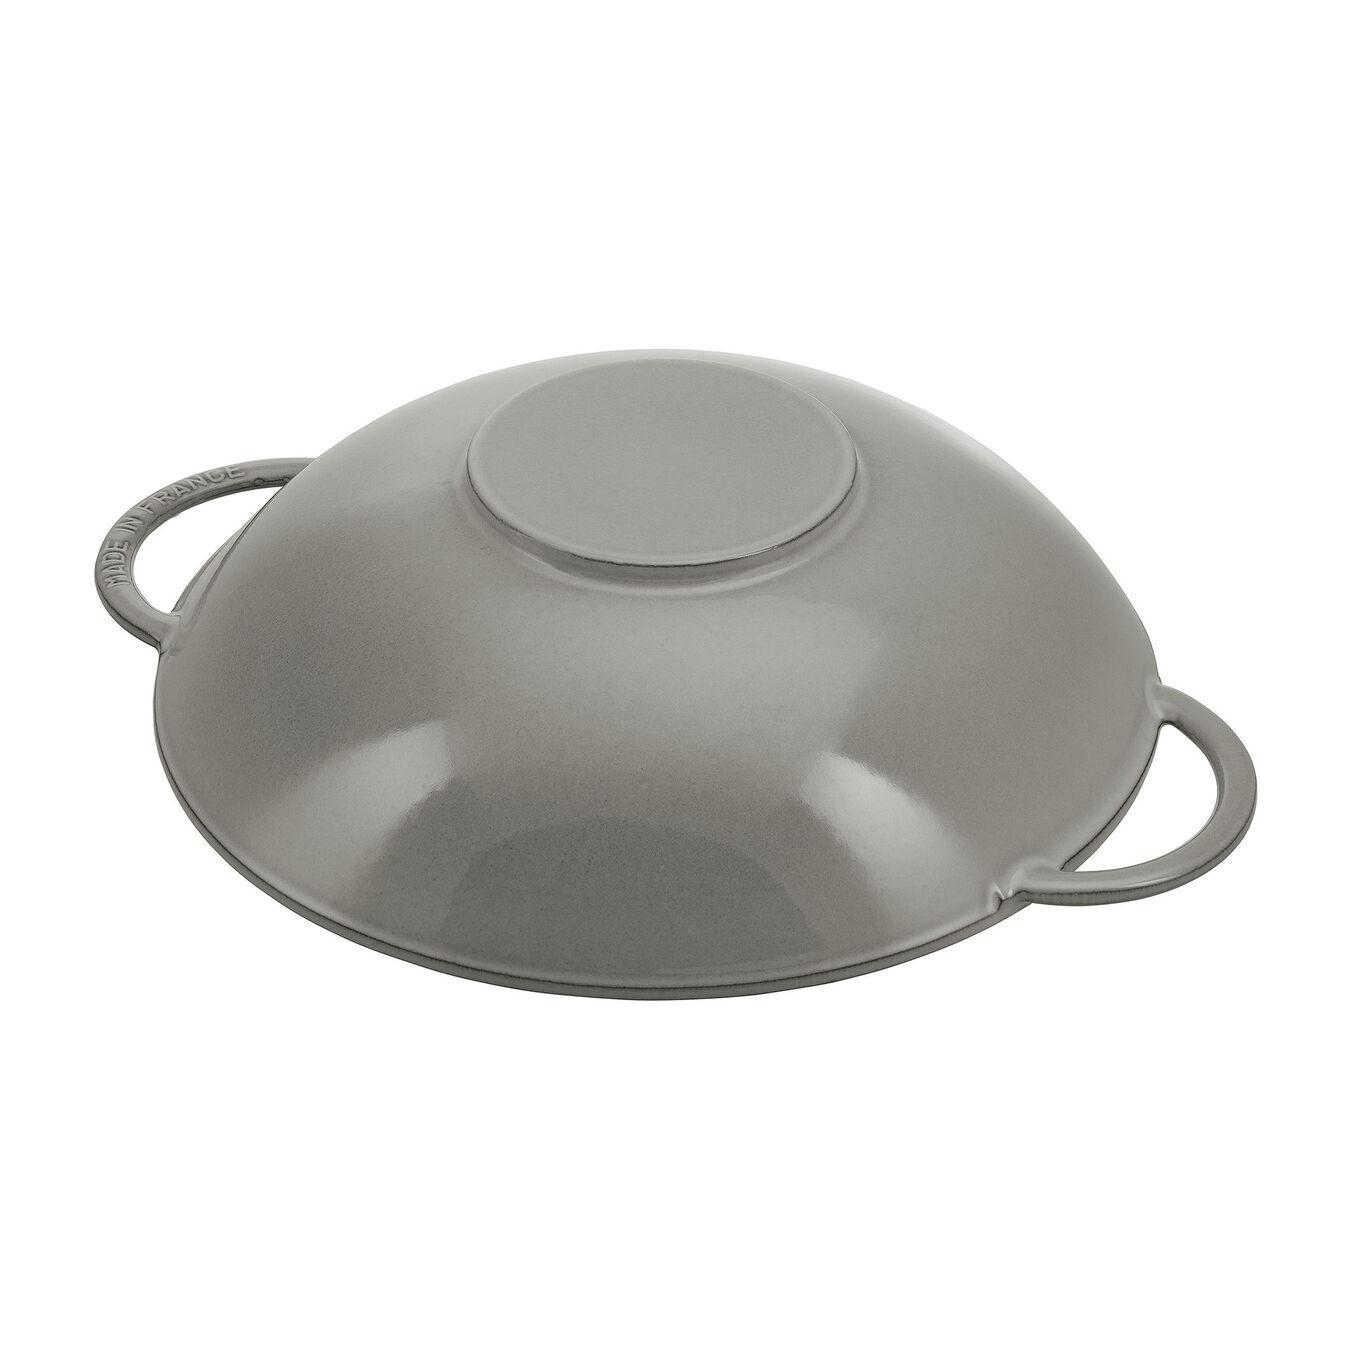 Wok con coperchio in vetro rotondo - 37 cm, grigio grafite,,large 4